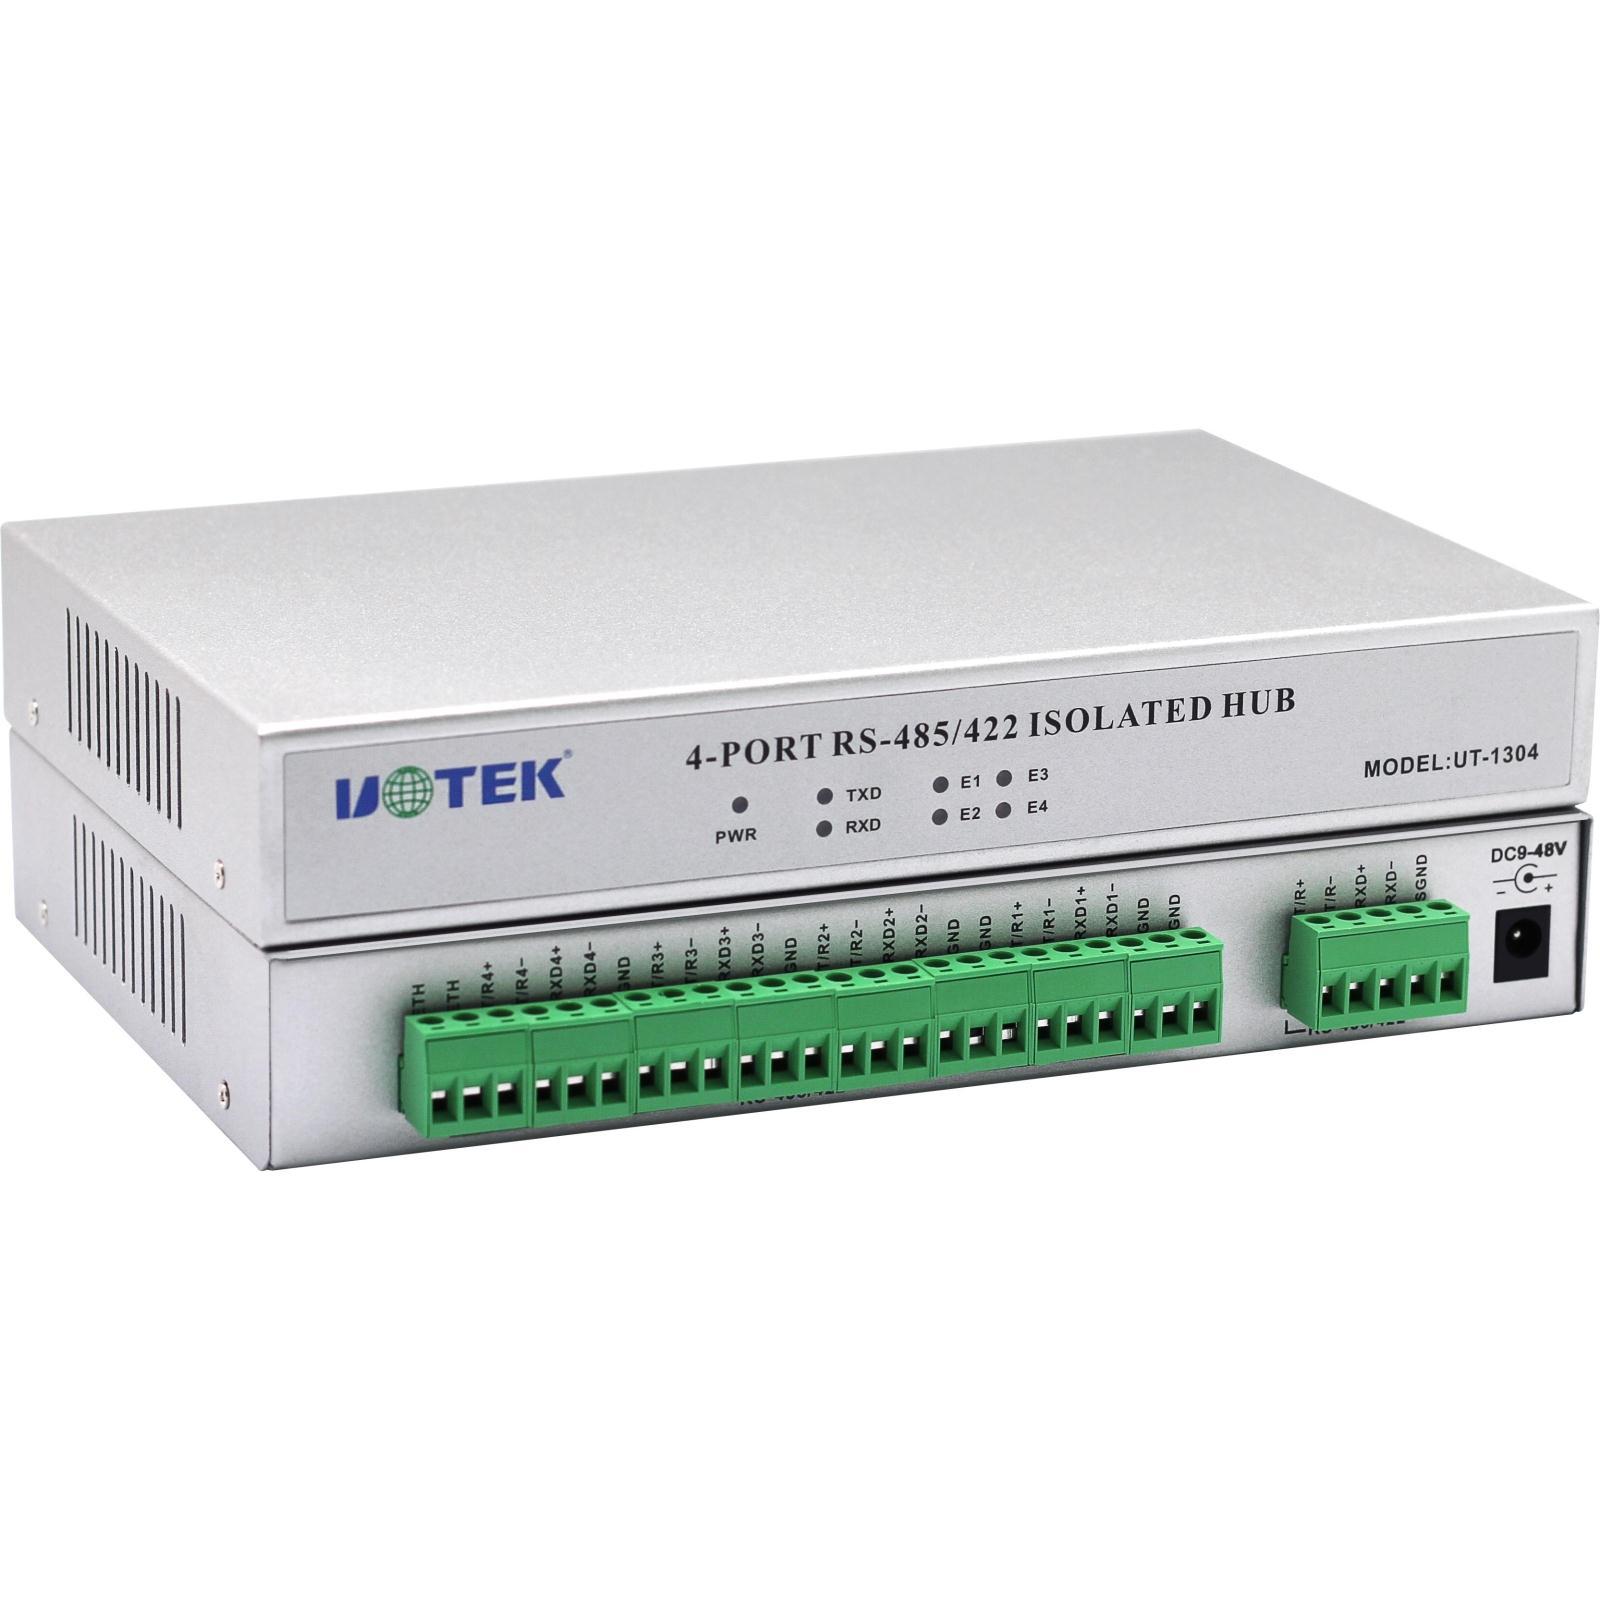 宇泰485集线器4口 1路422/485转4路485工业级HUB分配器UT-1304四路rs485/rs422集线器通讯分线器防雷光电隔离